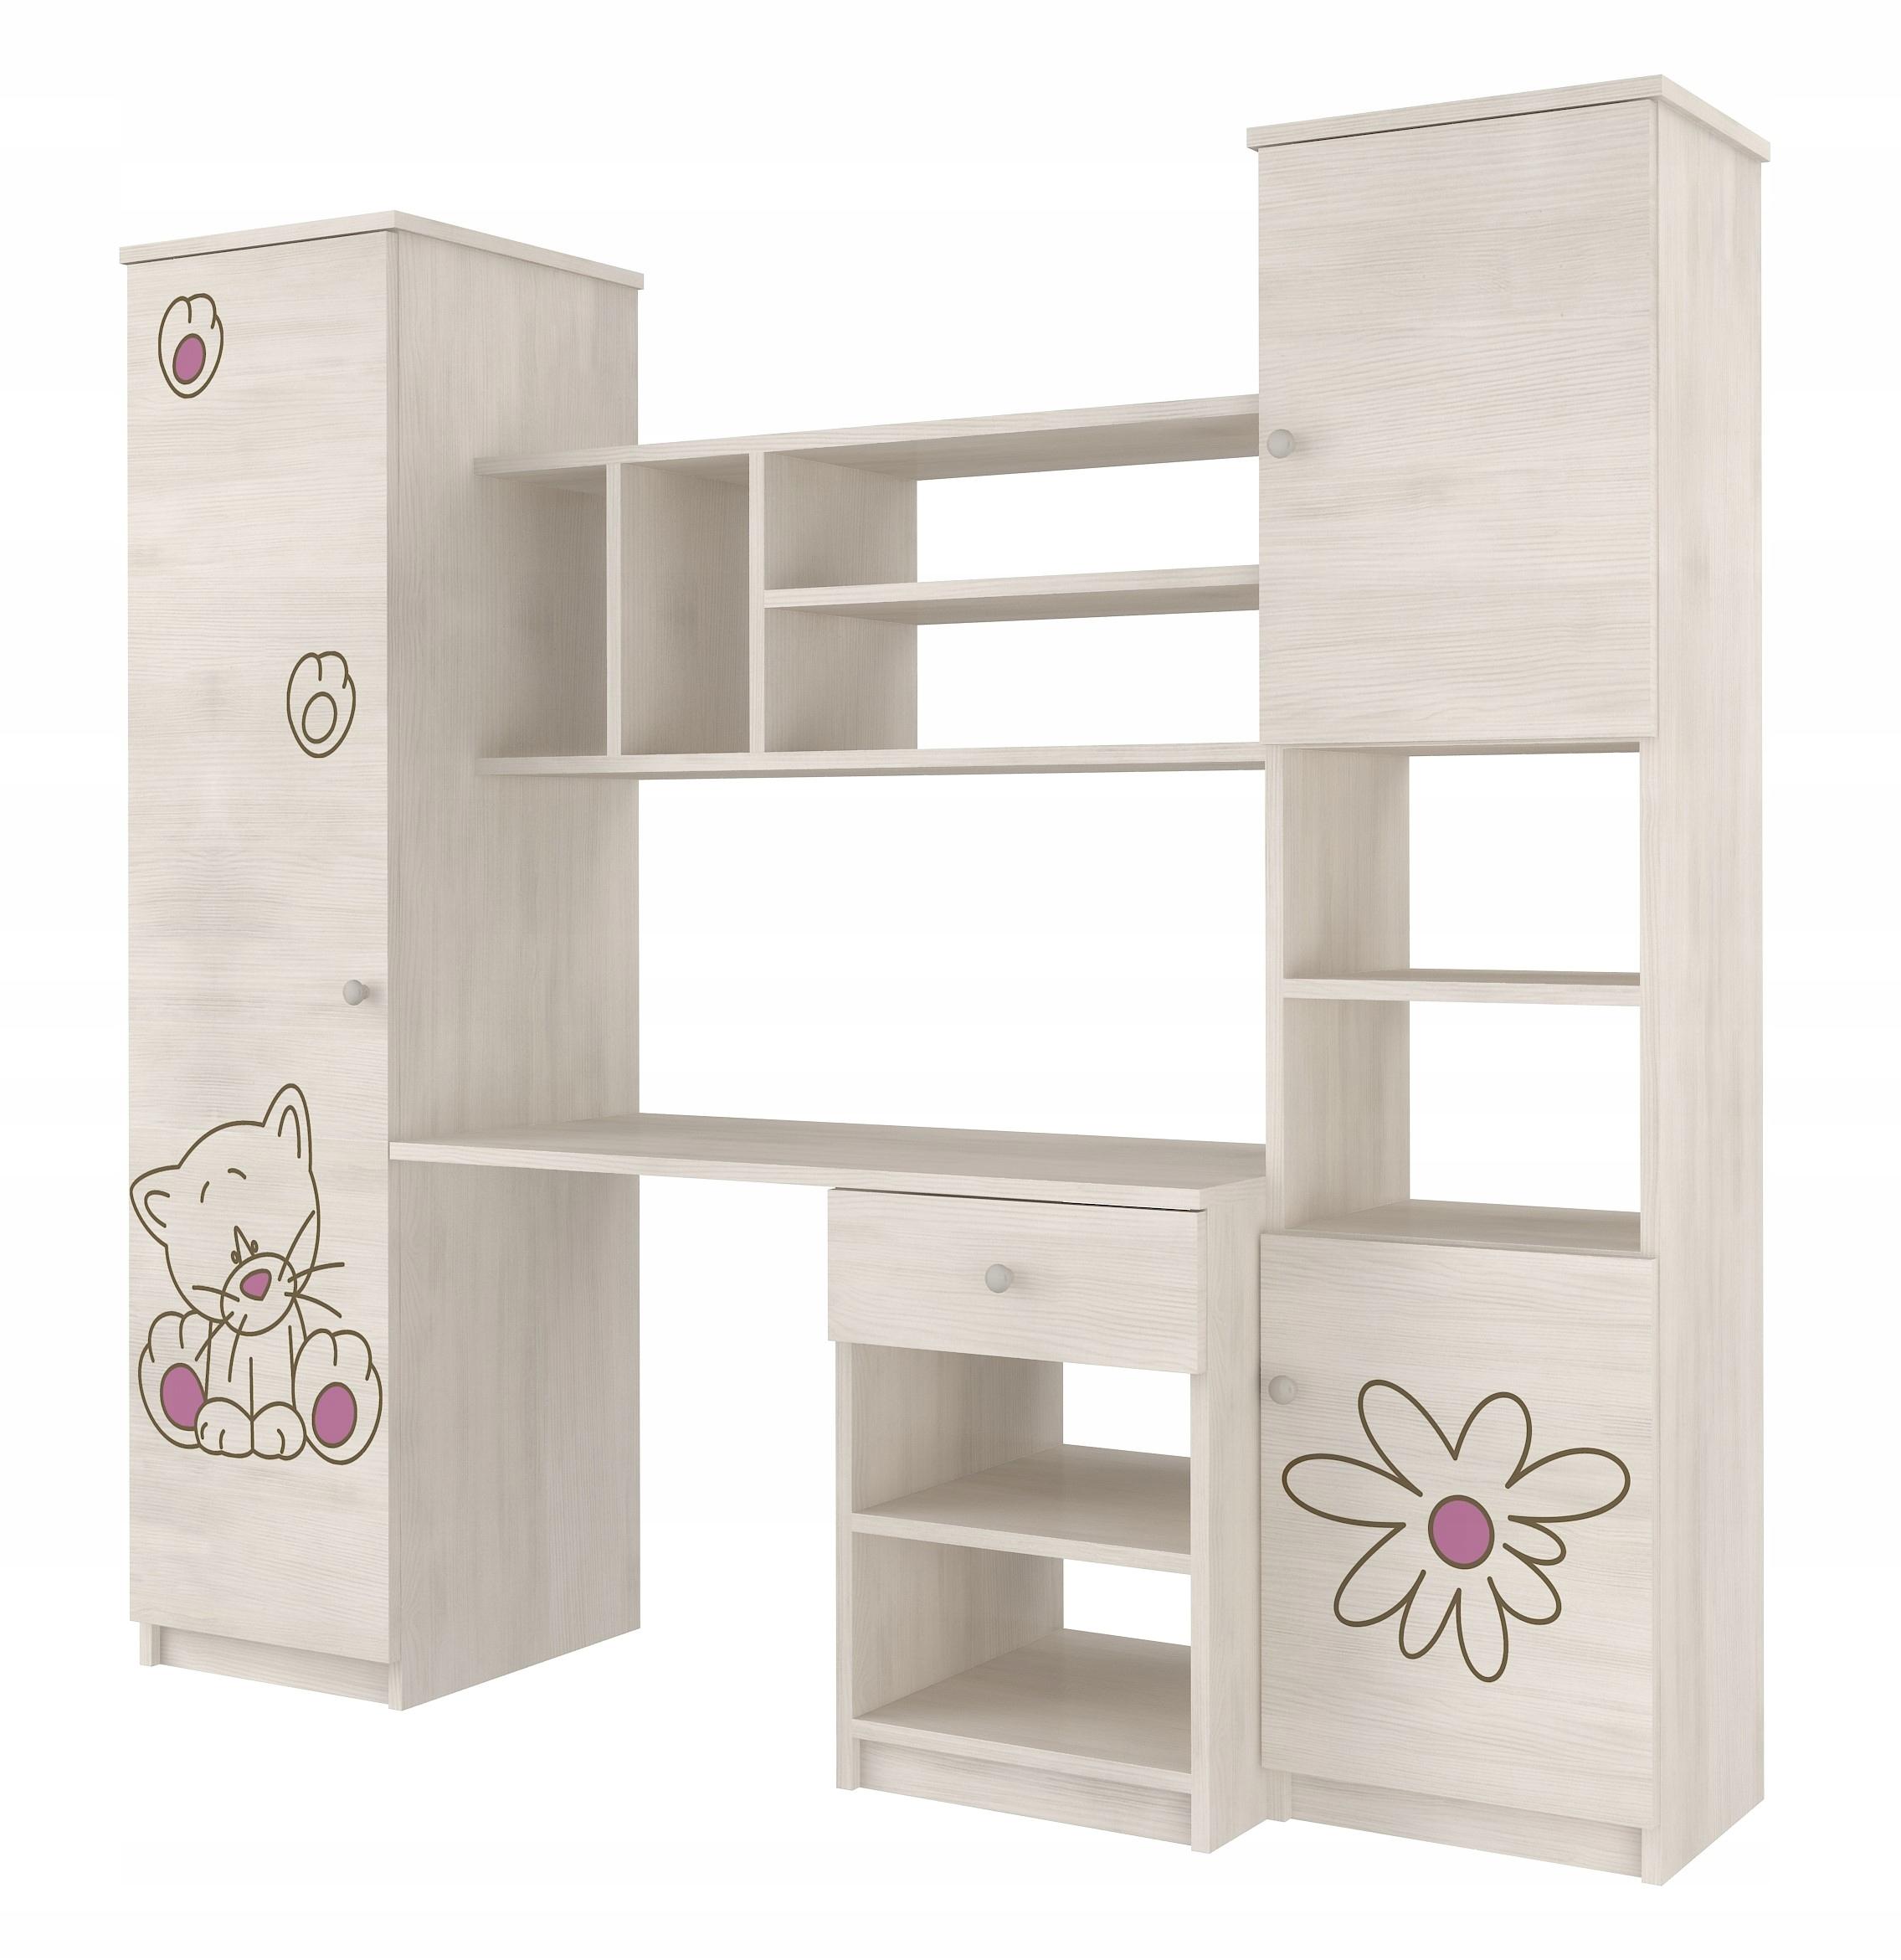 Стенка детская мебель JOY BABY BOO комплект